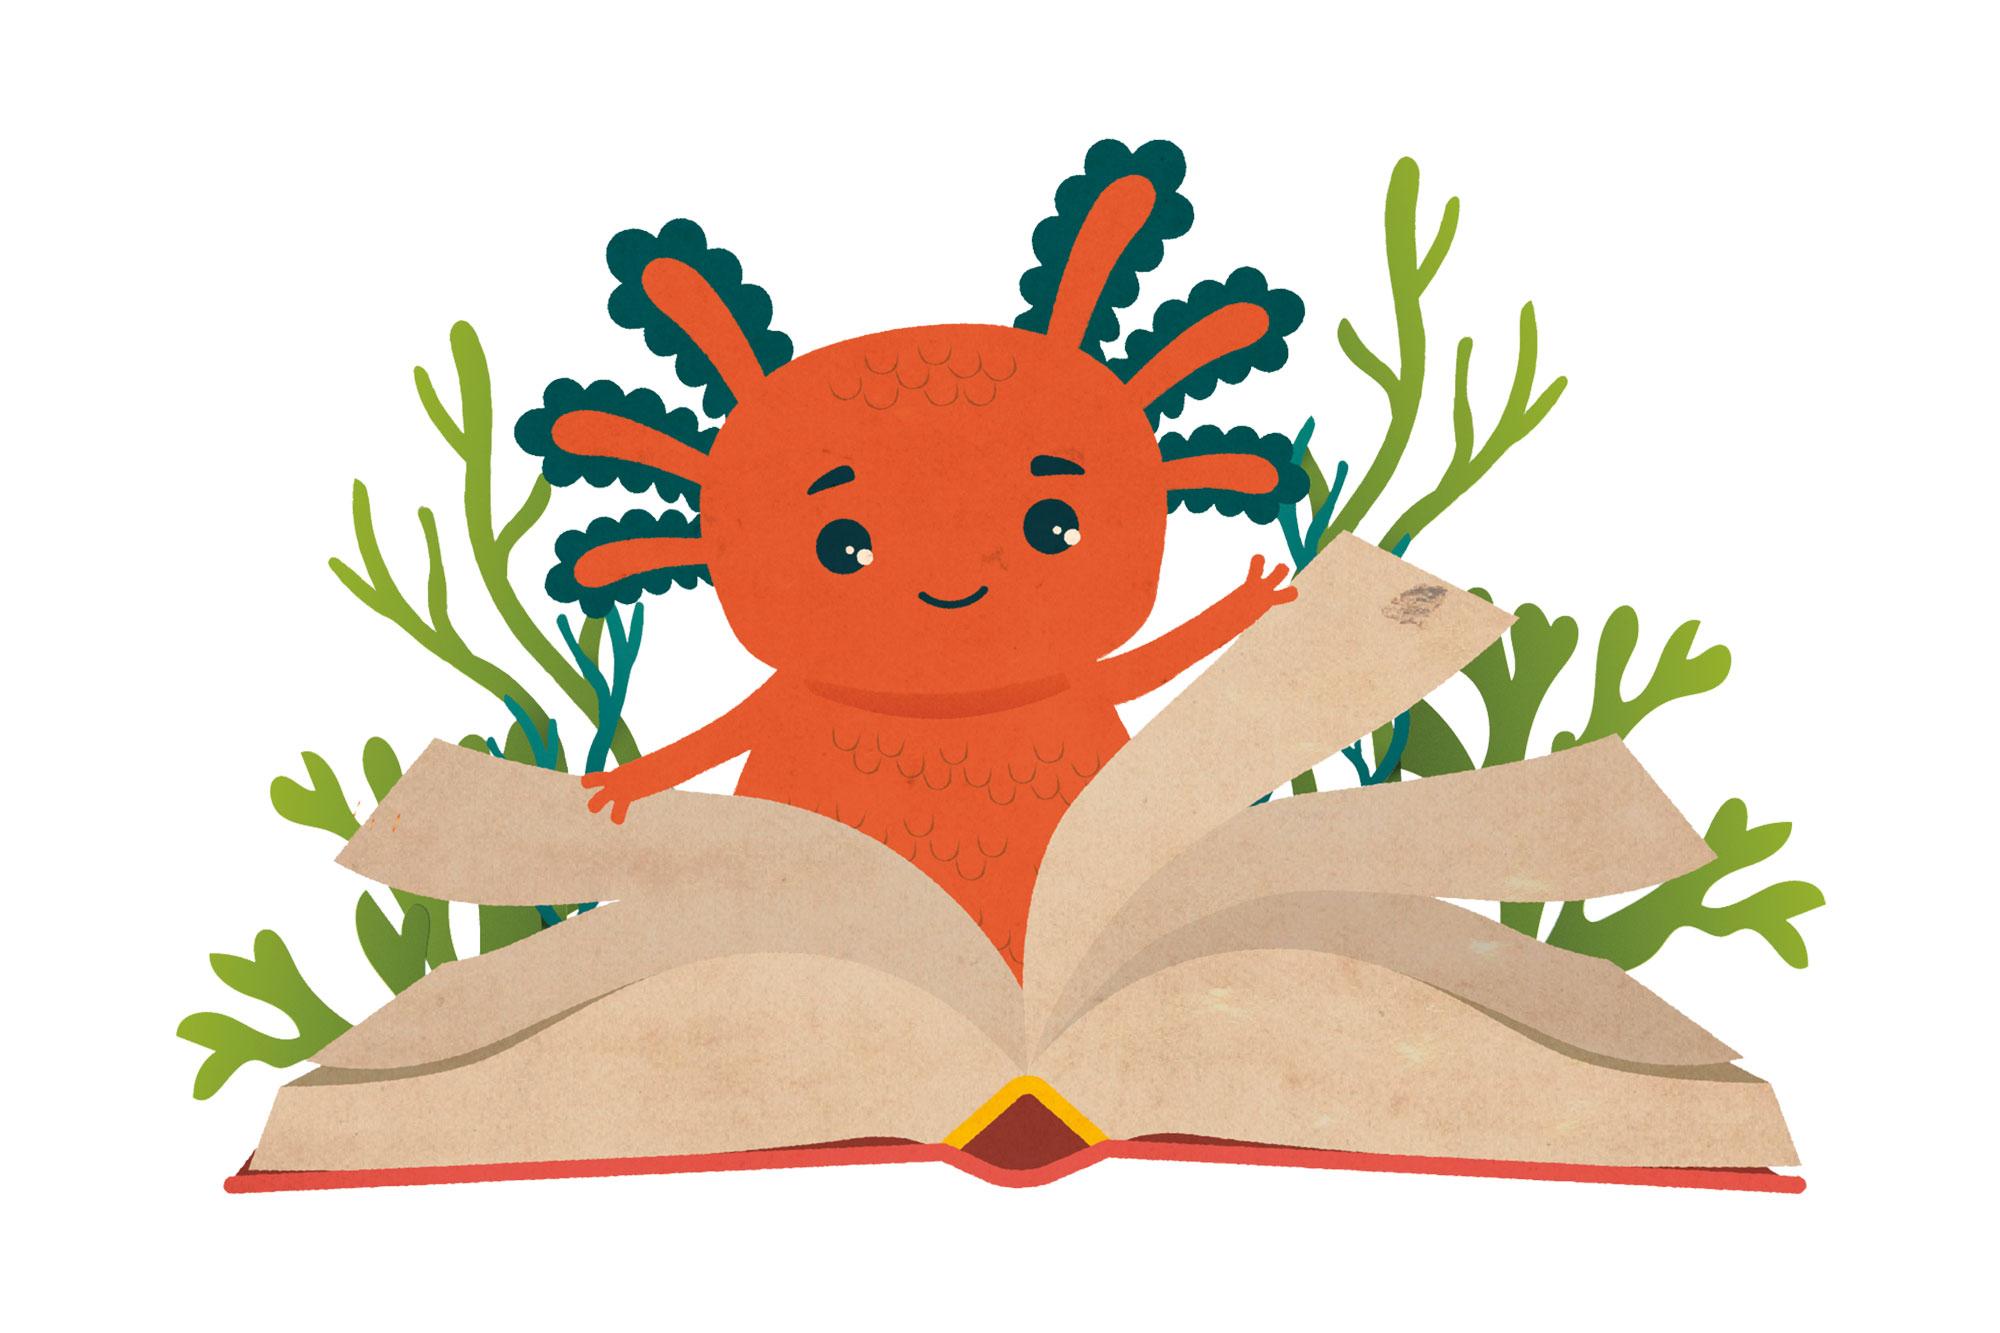 Lieska-lohikäärme kutsuu lukemaan